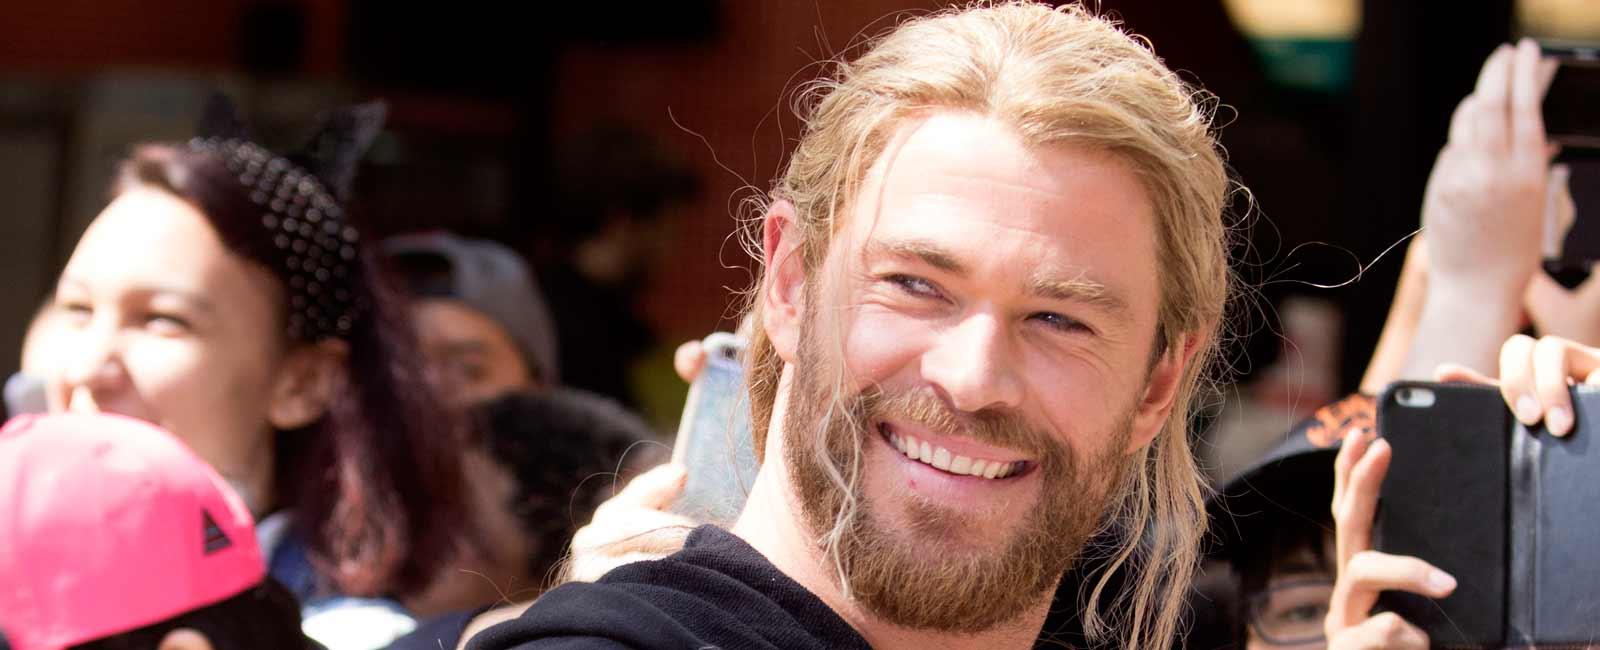 Chris Hemsworth levanta pasiones